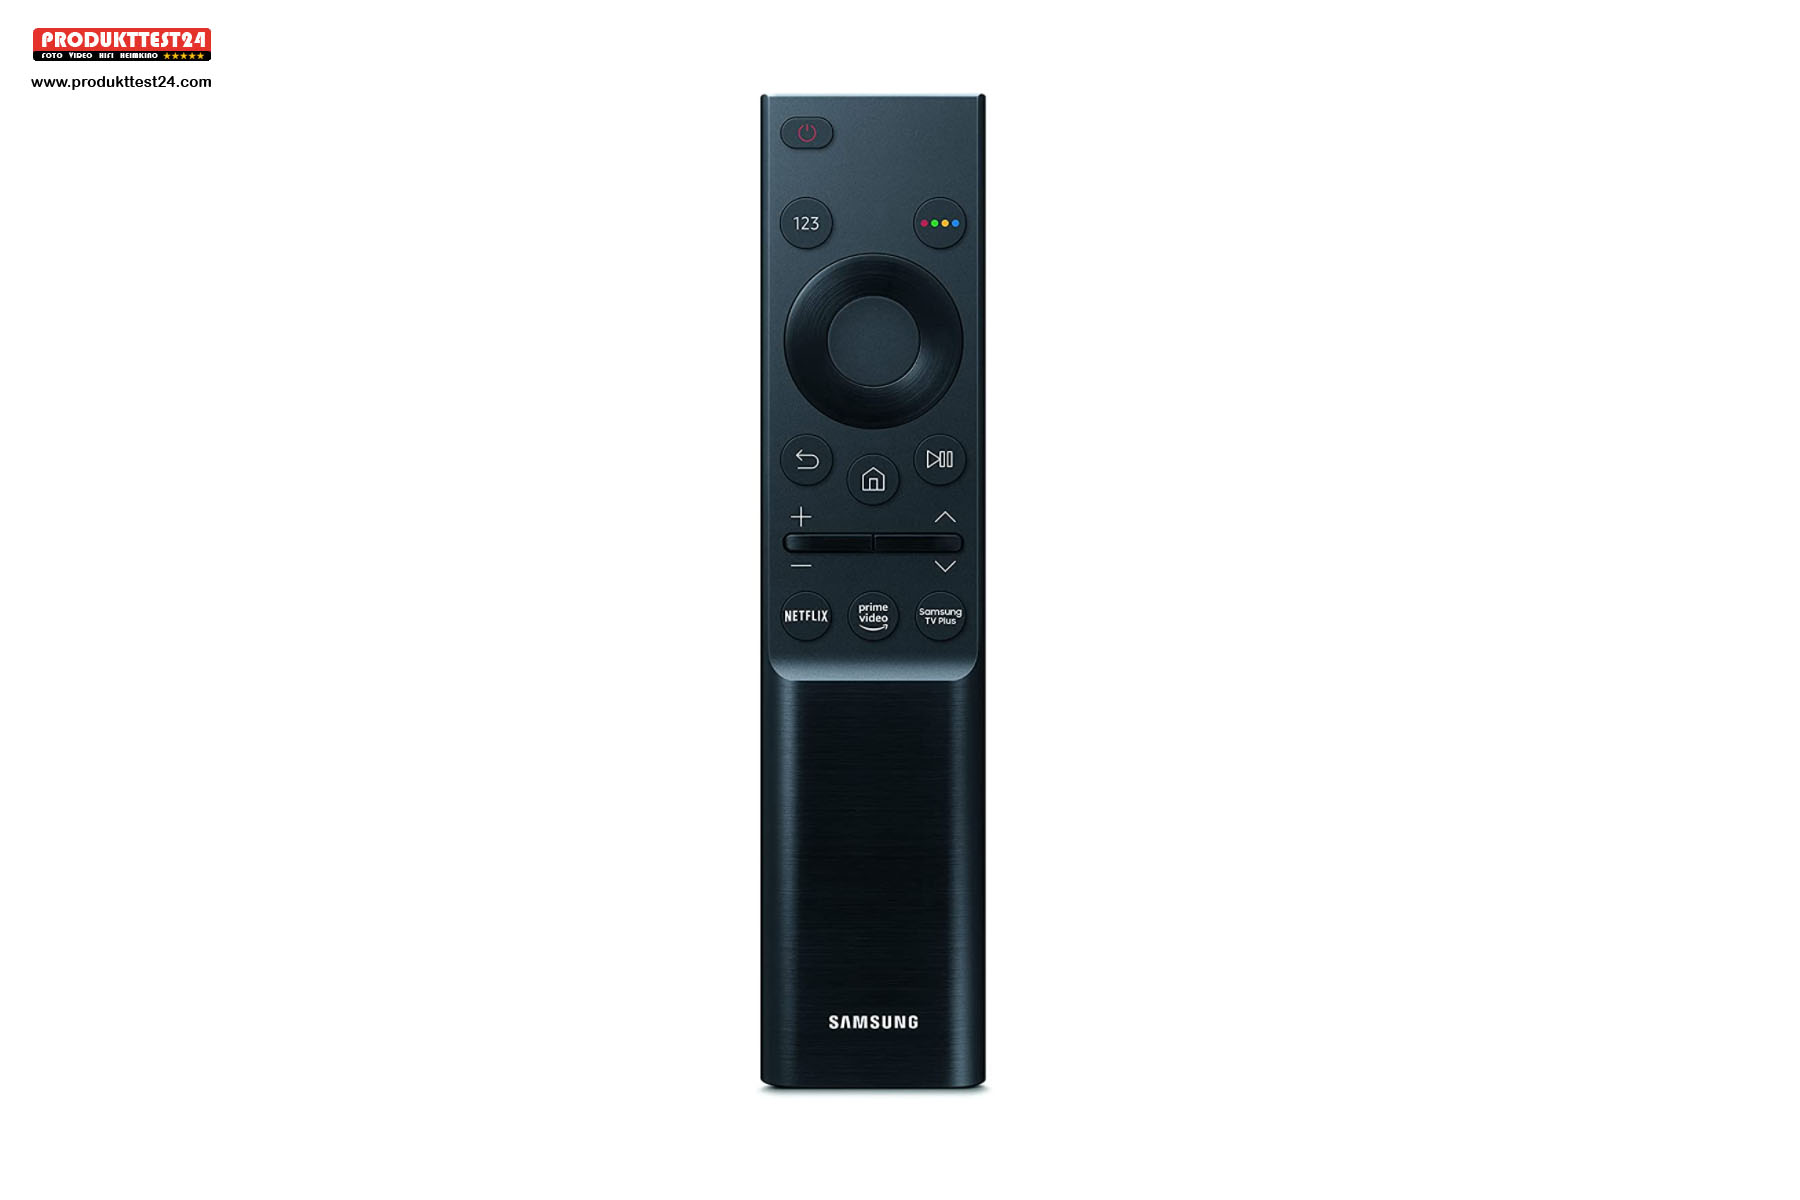 Die Eco Smart Remote Fernbedienung des Samsung GU75AU7199